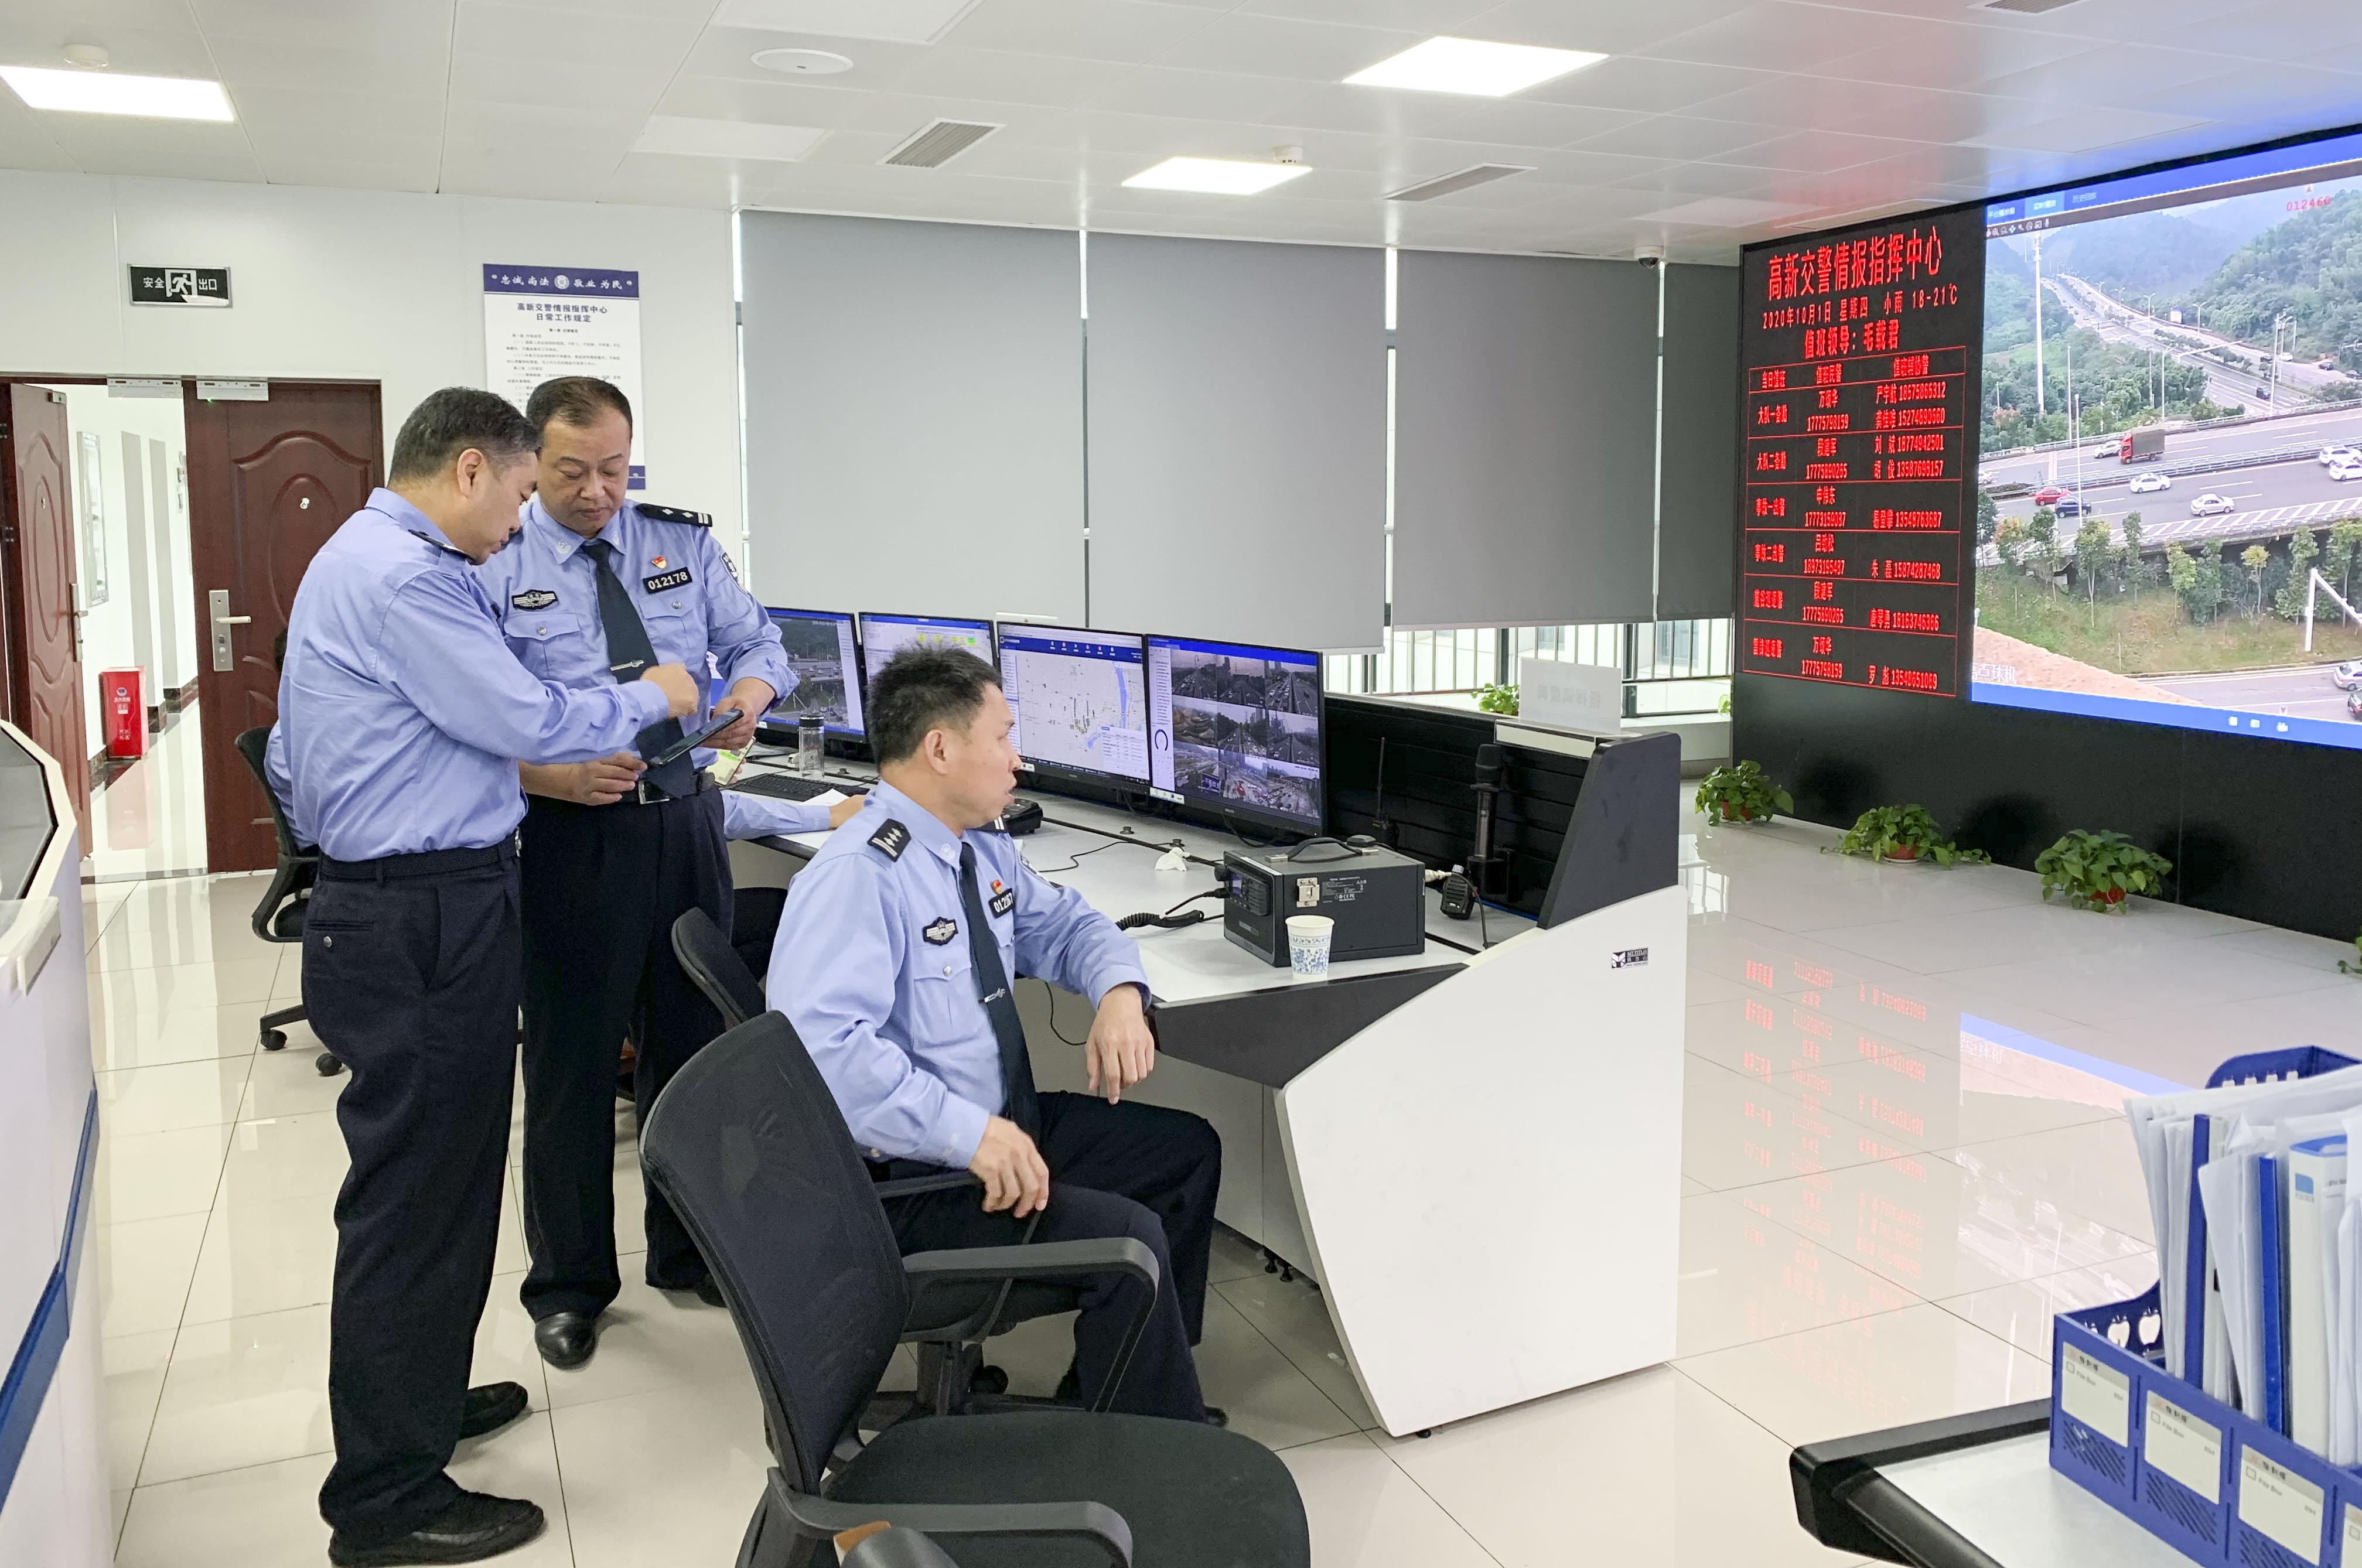 4、在高新区交警大队风控中心,高新交警对交通动向进行实时监控。柯鸣 摄.jpg